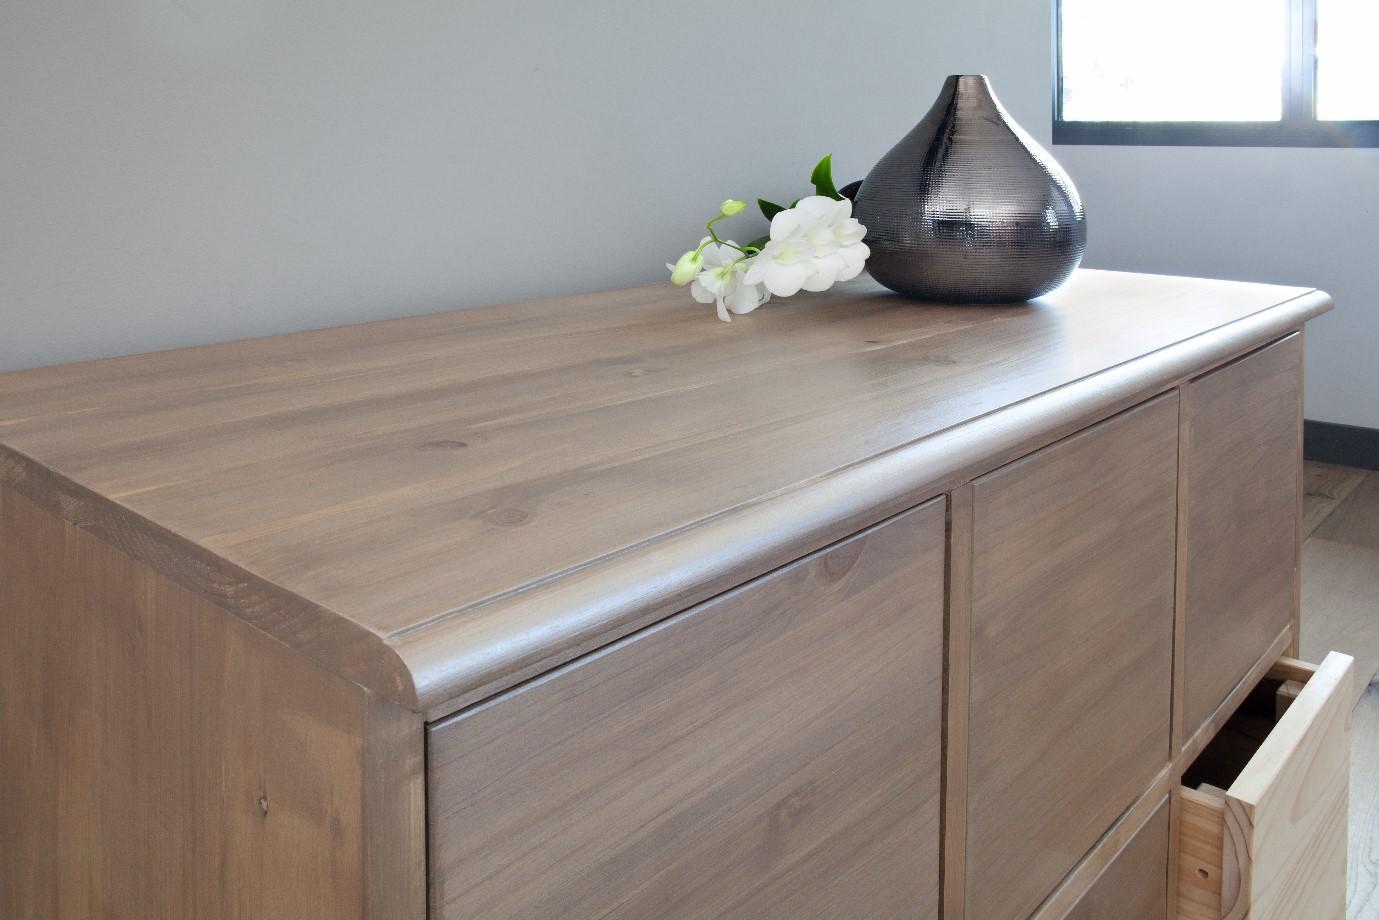 Waxes Liberon Interior Wood Wax Polish And Finishes Beeswax